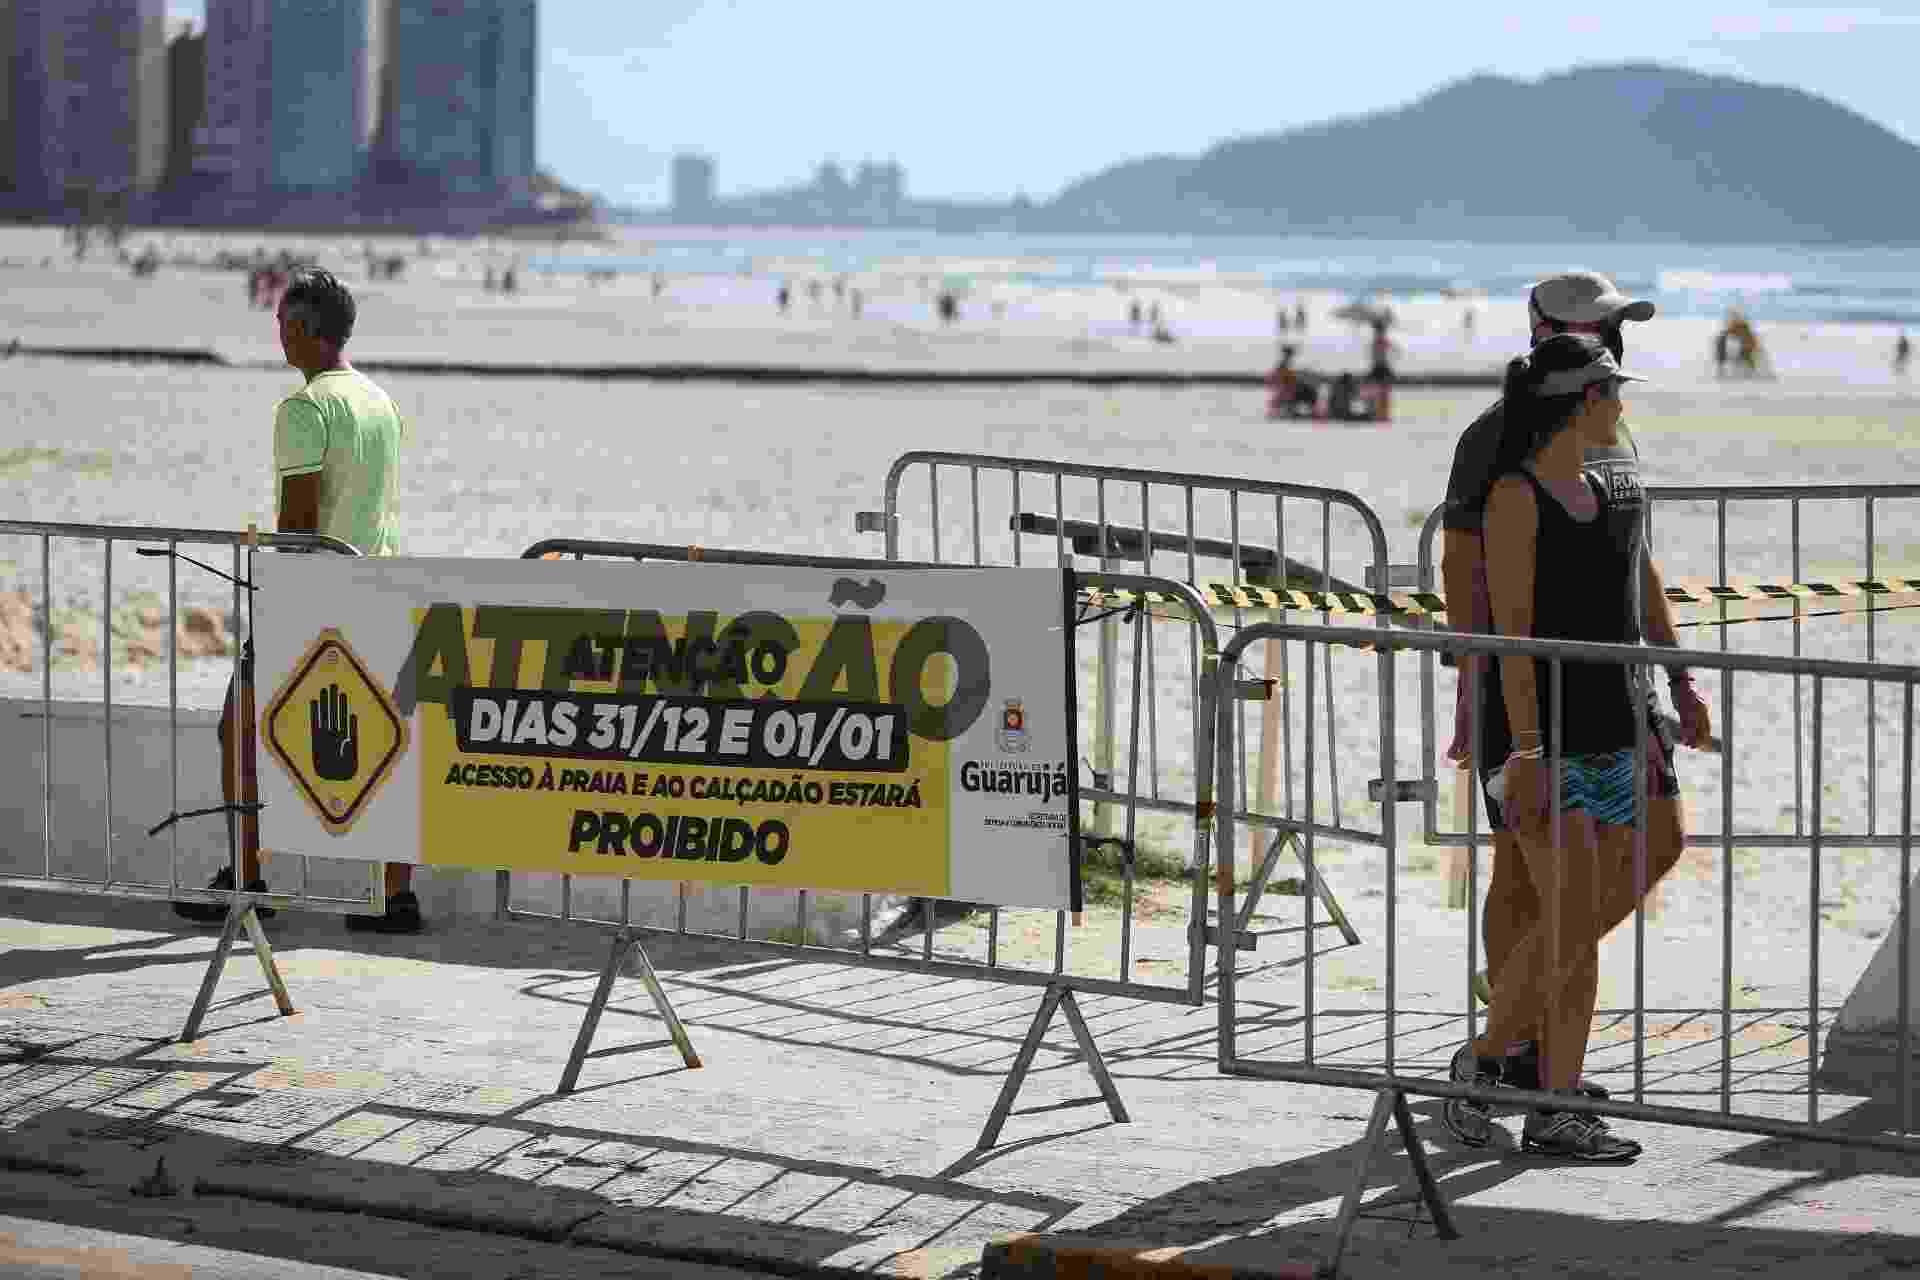 A Guarda Civil Metropolitana patrulha as praias entre Pitangueiras e Astúrias, na cidade do Guarujá, no litoral sul de São Paulo - FELIPE RAU/ESTADÃO CONTEÚDO